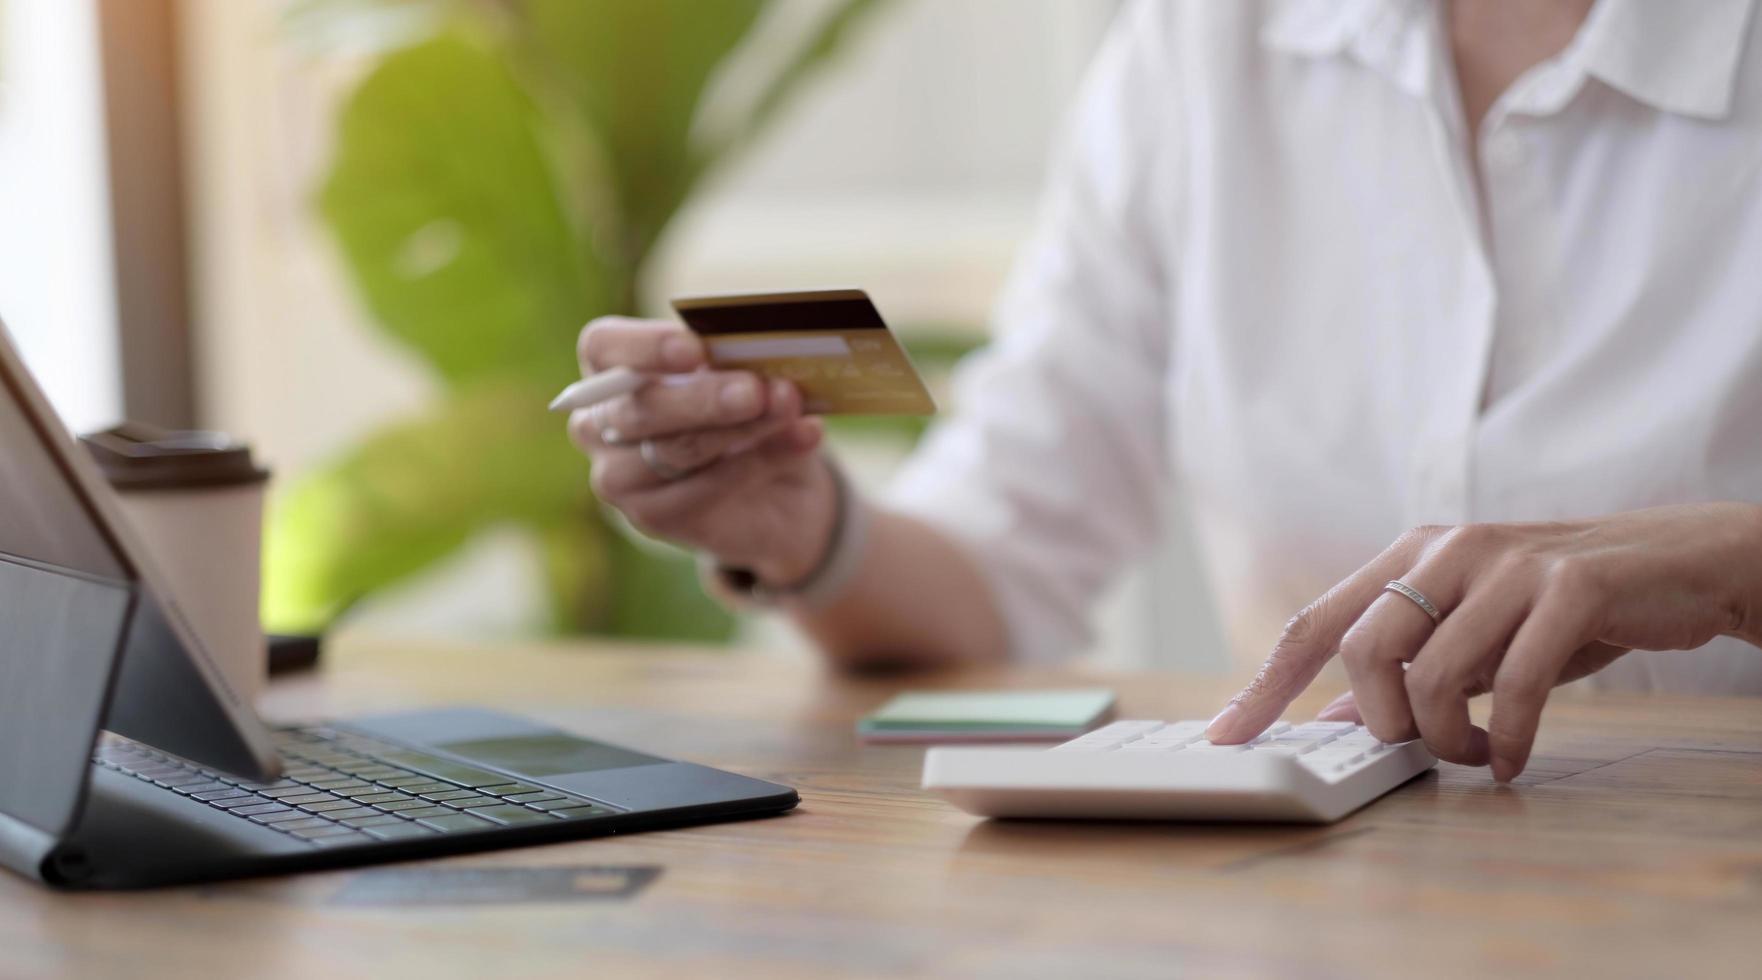 mujer haciendo cálculos y compras online con tarjeta de crédito. mujer usando calculadora, presupuesto y papel de préstamo en la oficina. facturas, presupuesto de la casa, impuestos, ahorros, finanzas, economía, auditoría, concepto de deuda foto